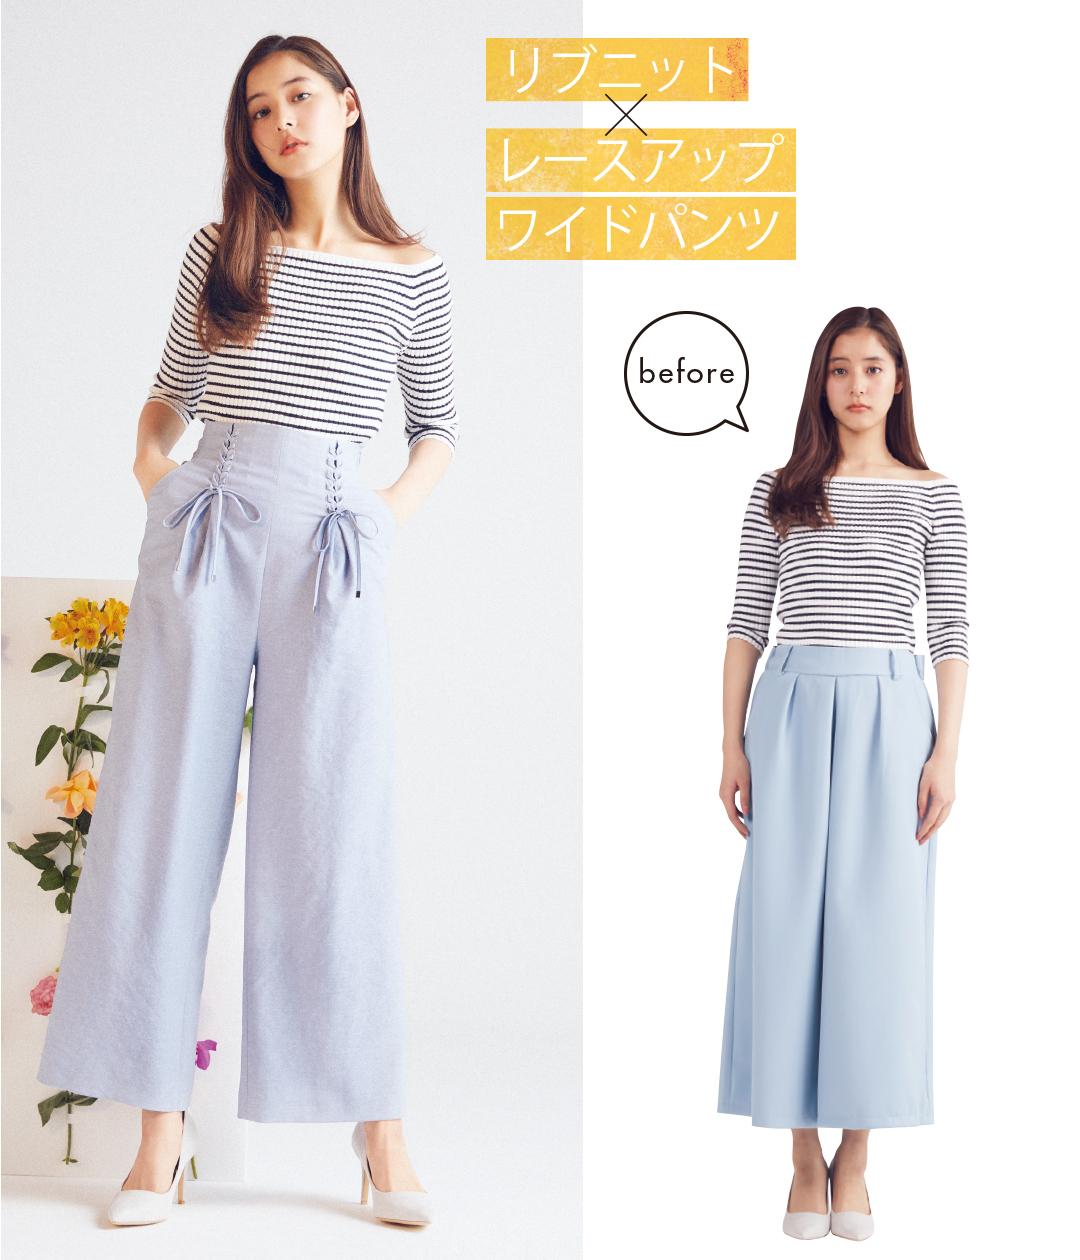 新木優子が着る♡ 春は「ウエスト高めコーデ」で簡単スタイルアップ!_1_1-2